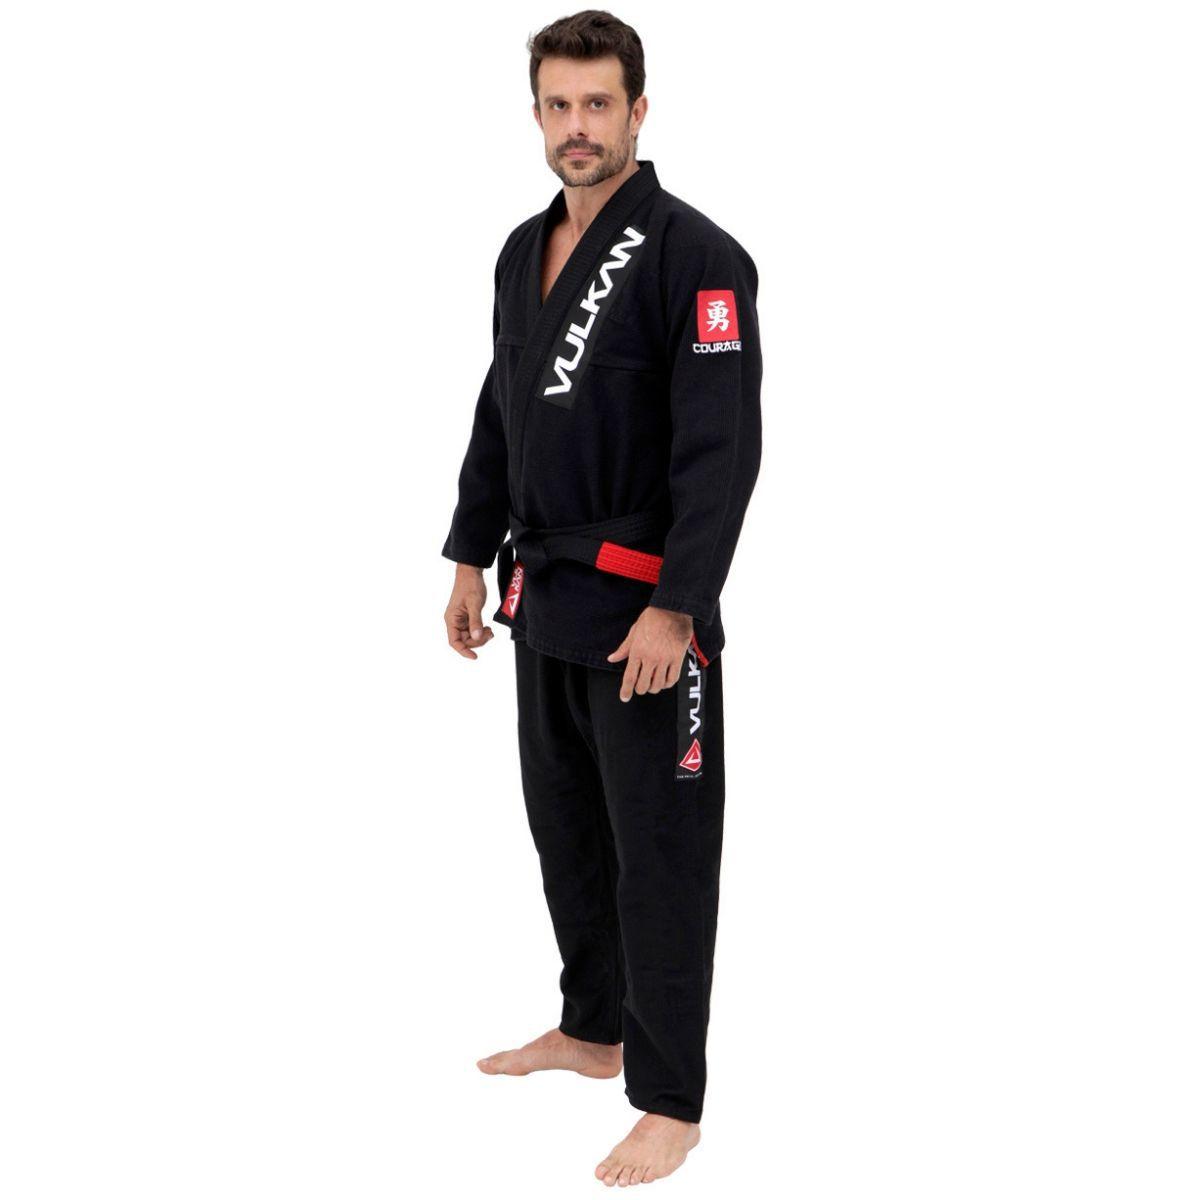 Kimono Vulkan Para Jiu Jitsu Profissional Adulto - KATANA PRO PRETO MASCULINO